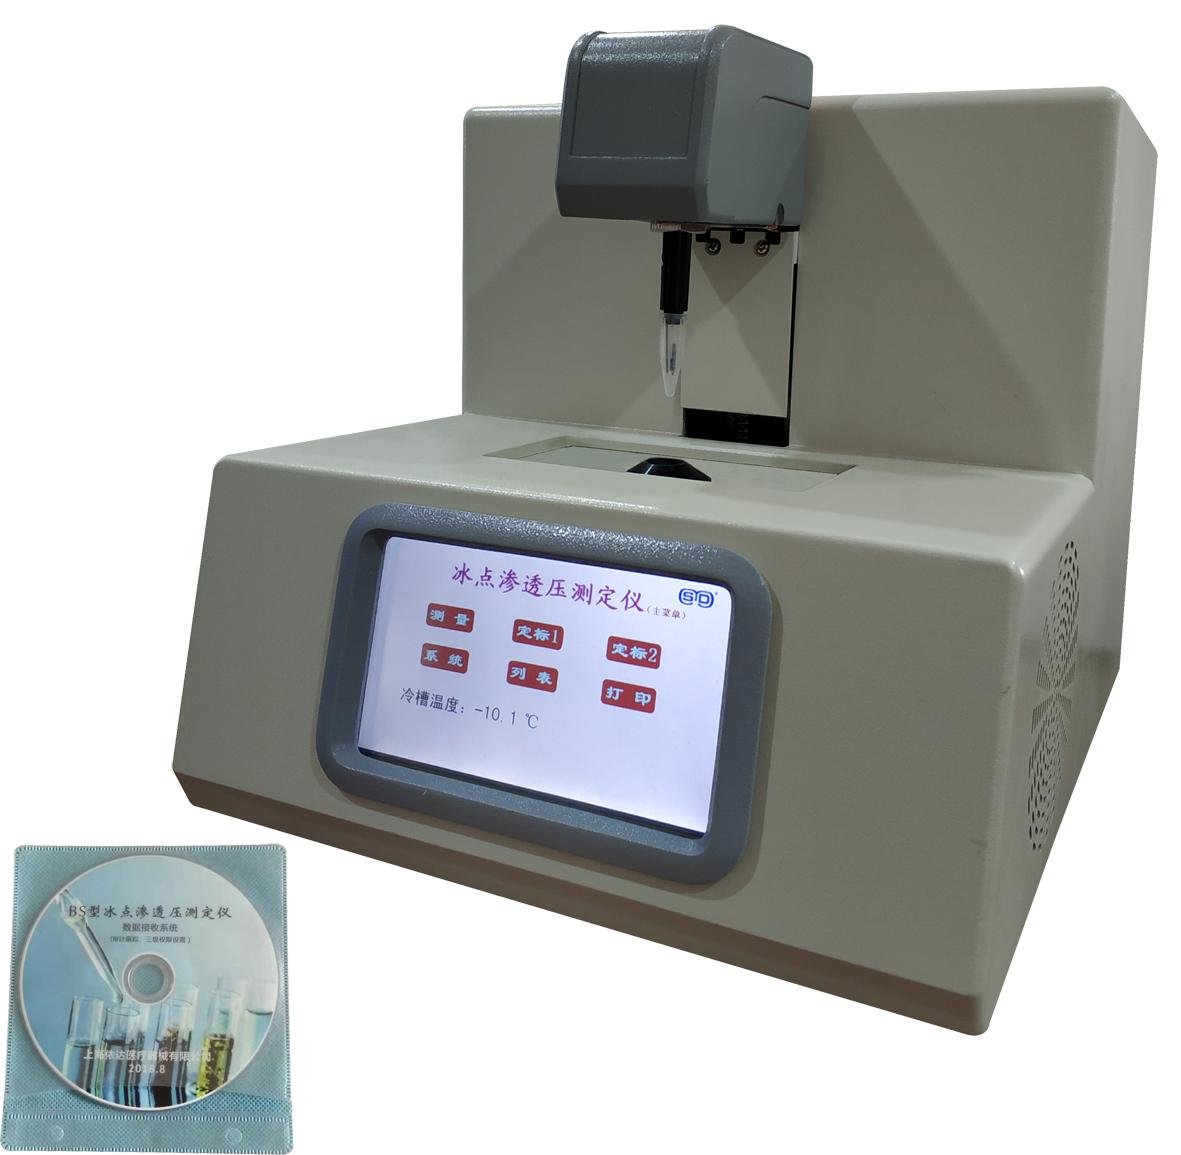 摩尔浓度测定仪联系方式